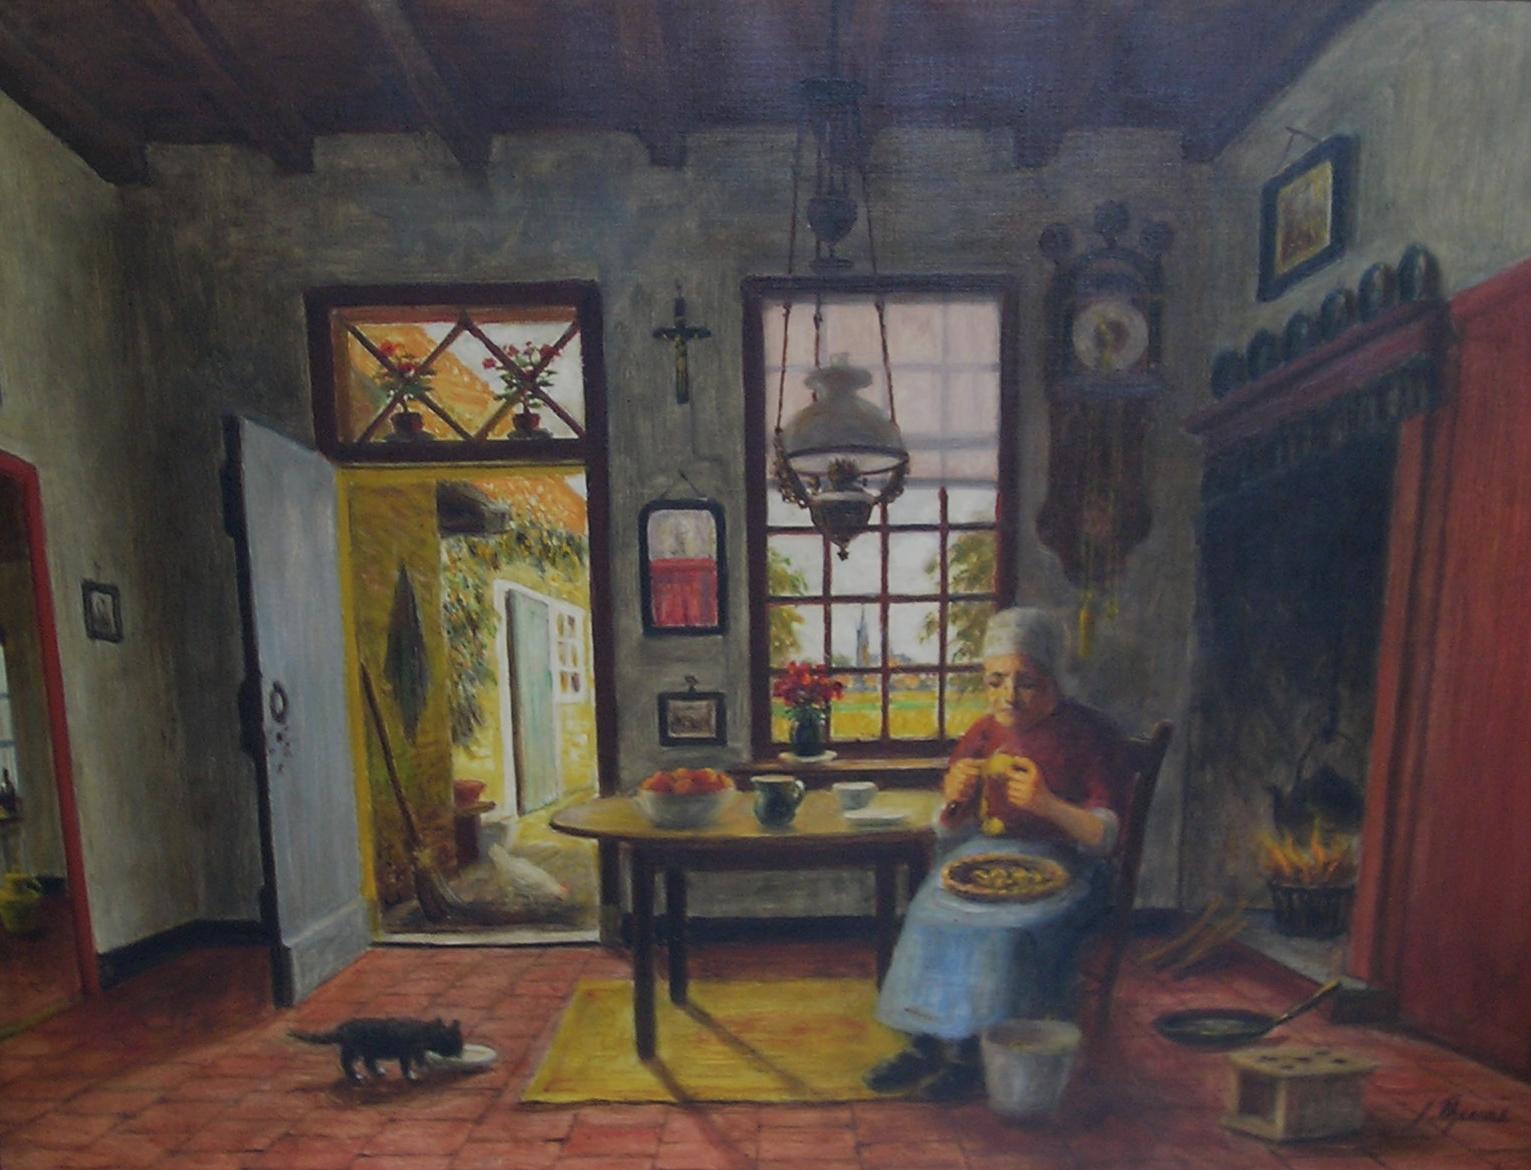 prijsklasse 500 tot 1.000: bij Kunsthandel Groenland Zevenbergschen Hoek